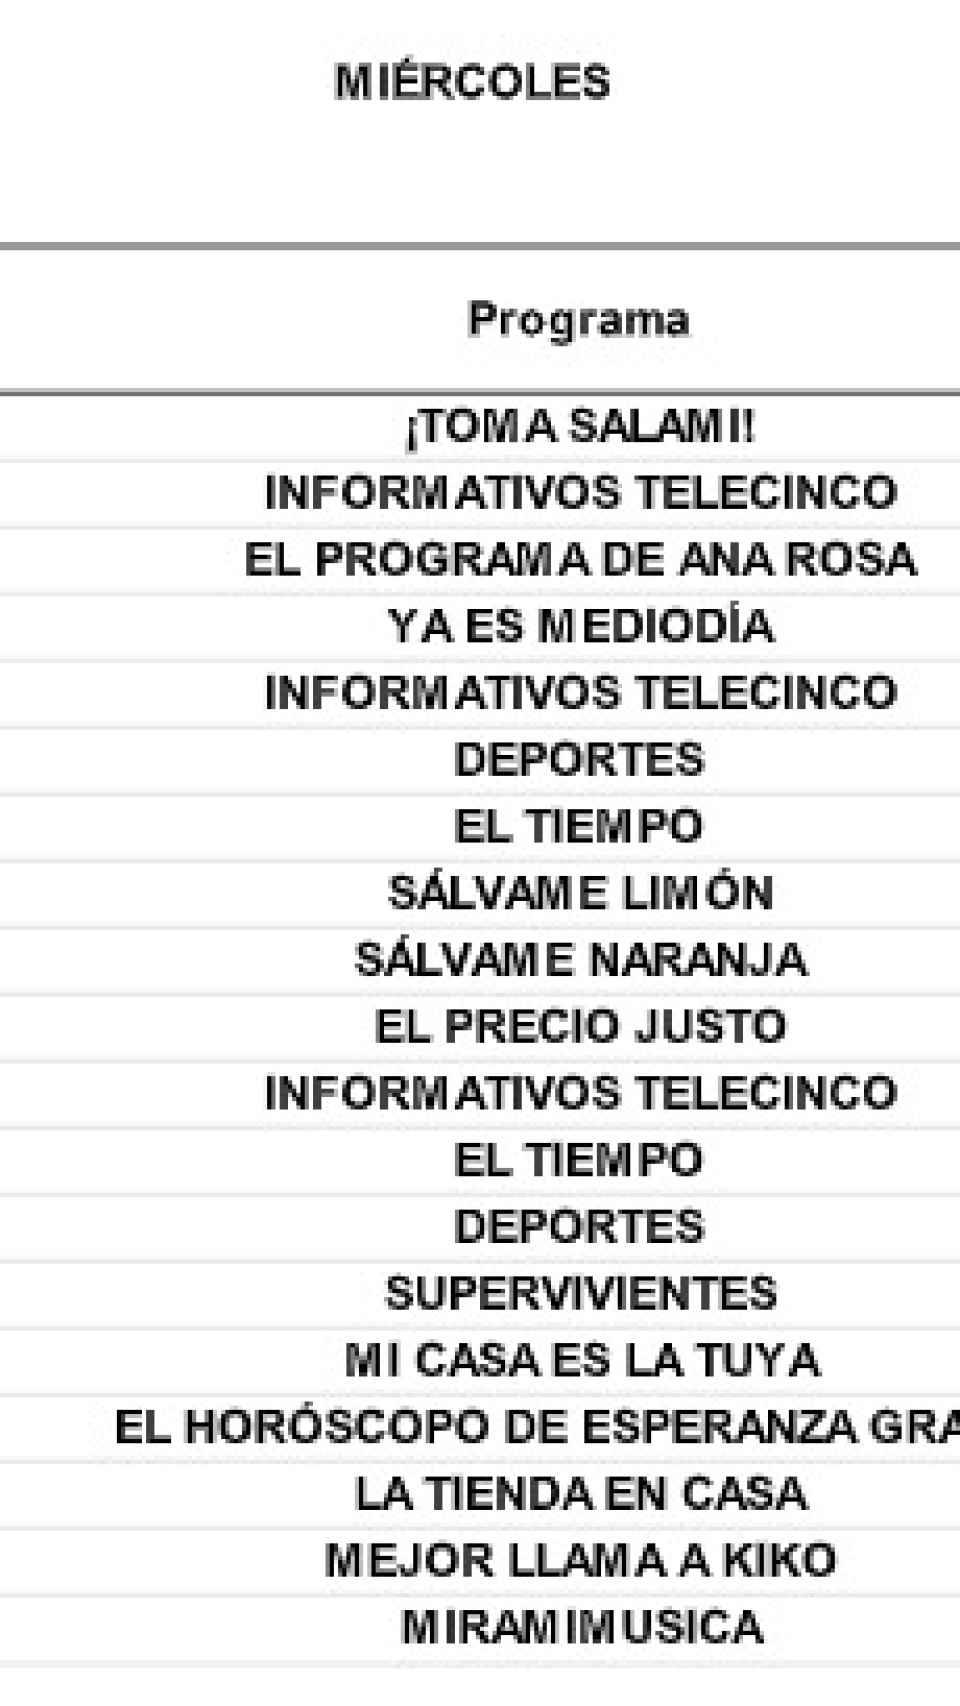 Parrilla de Telecinco del miércoles 9 de junio.